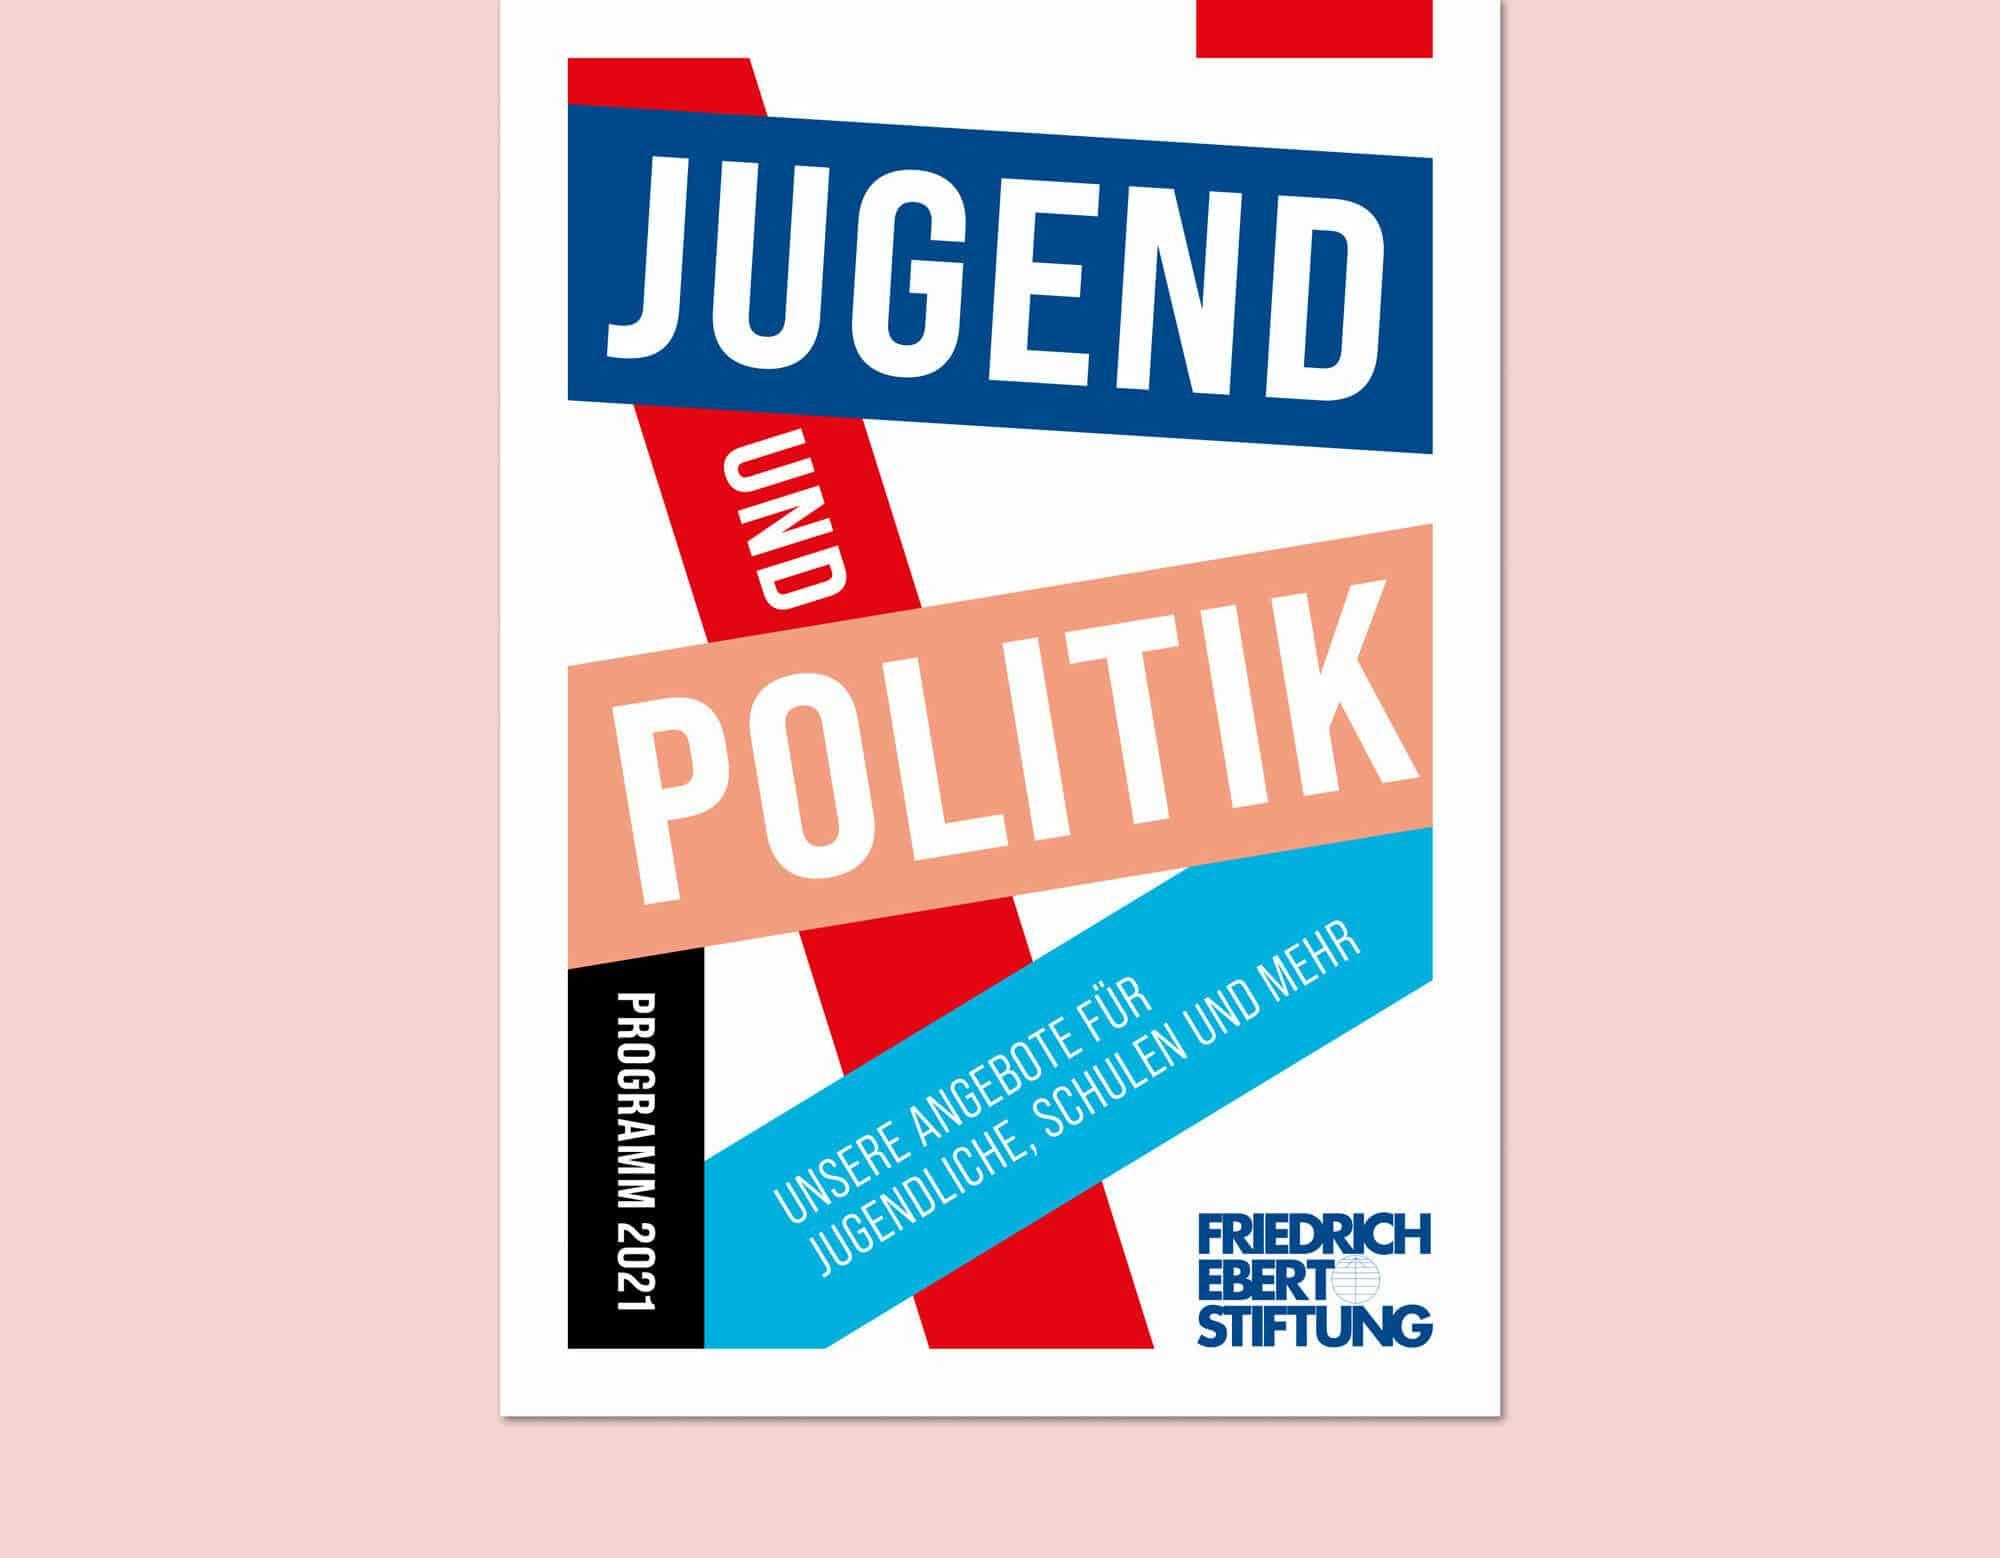 FES Jugend- und Politik Jahresprogramm 2020